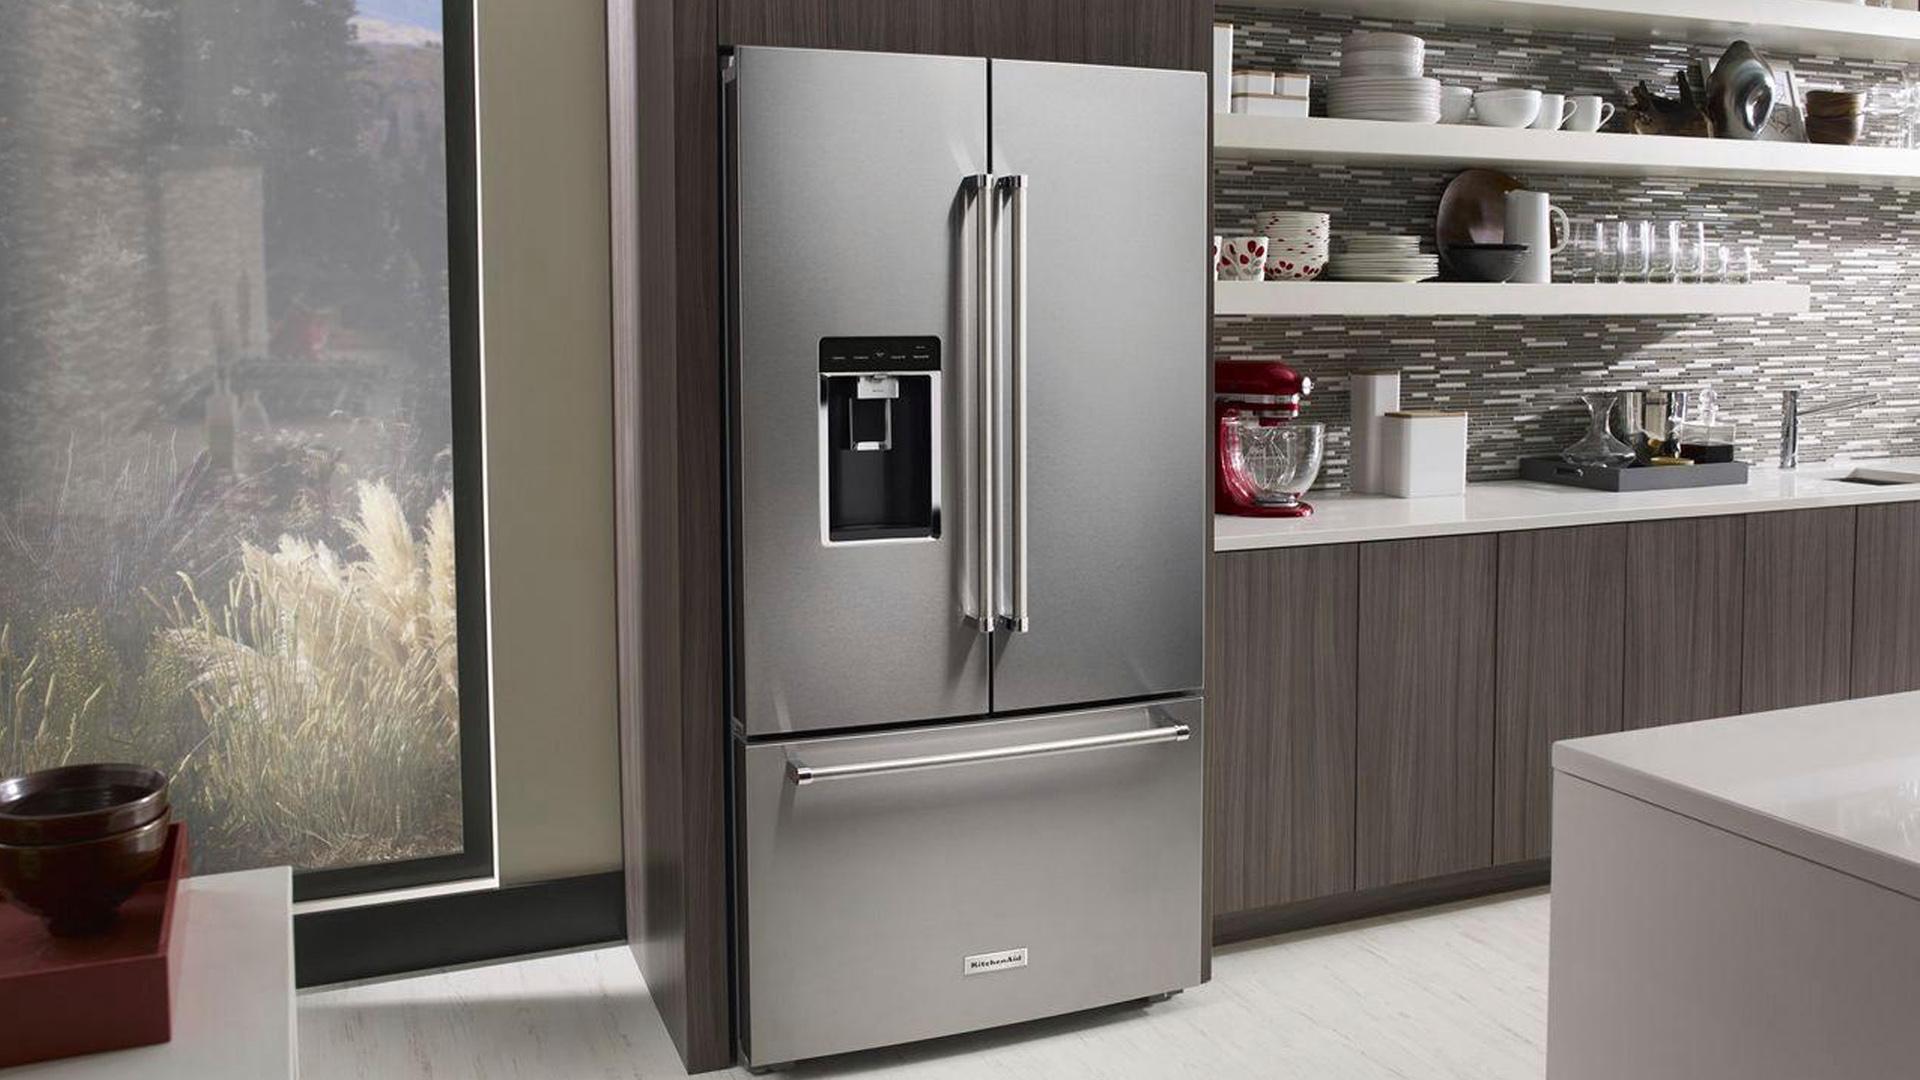 Kitchenaid Refrigerator Repair | Kitchenaid Repairs